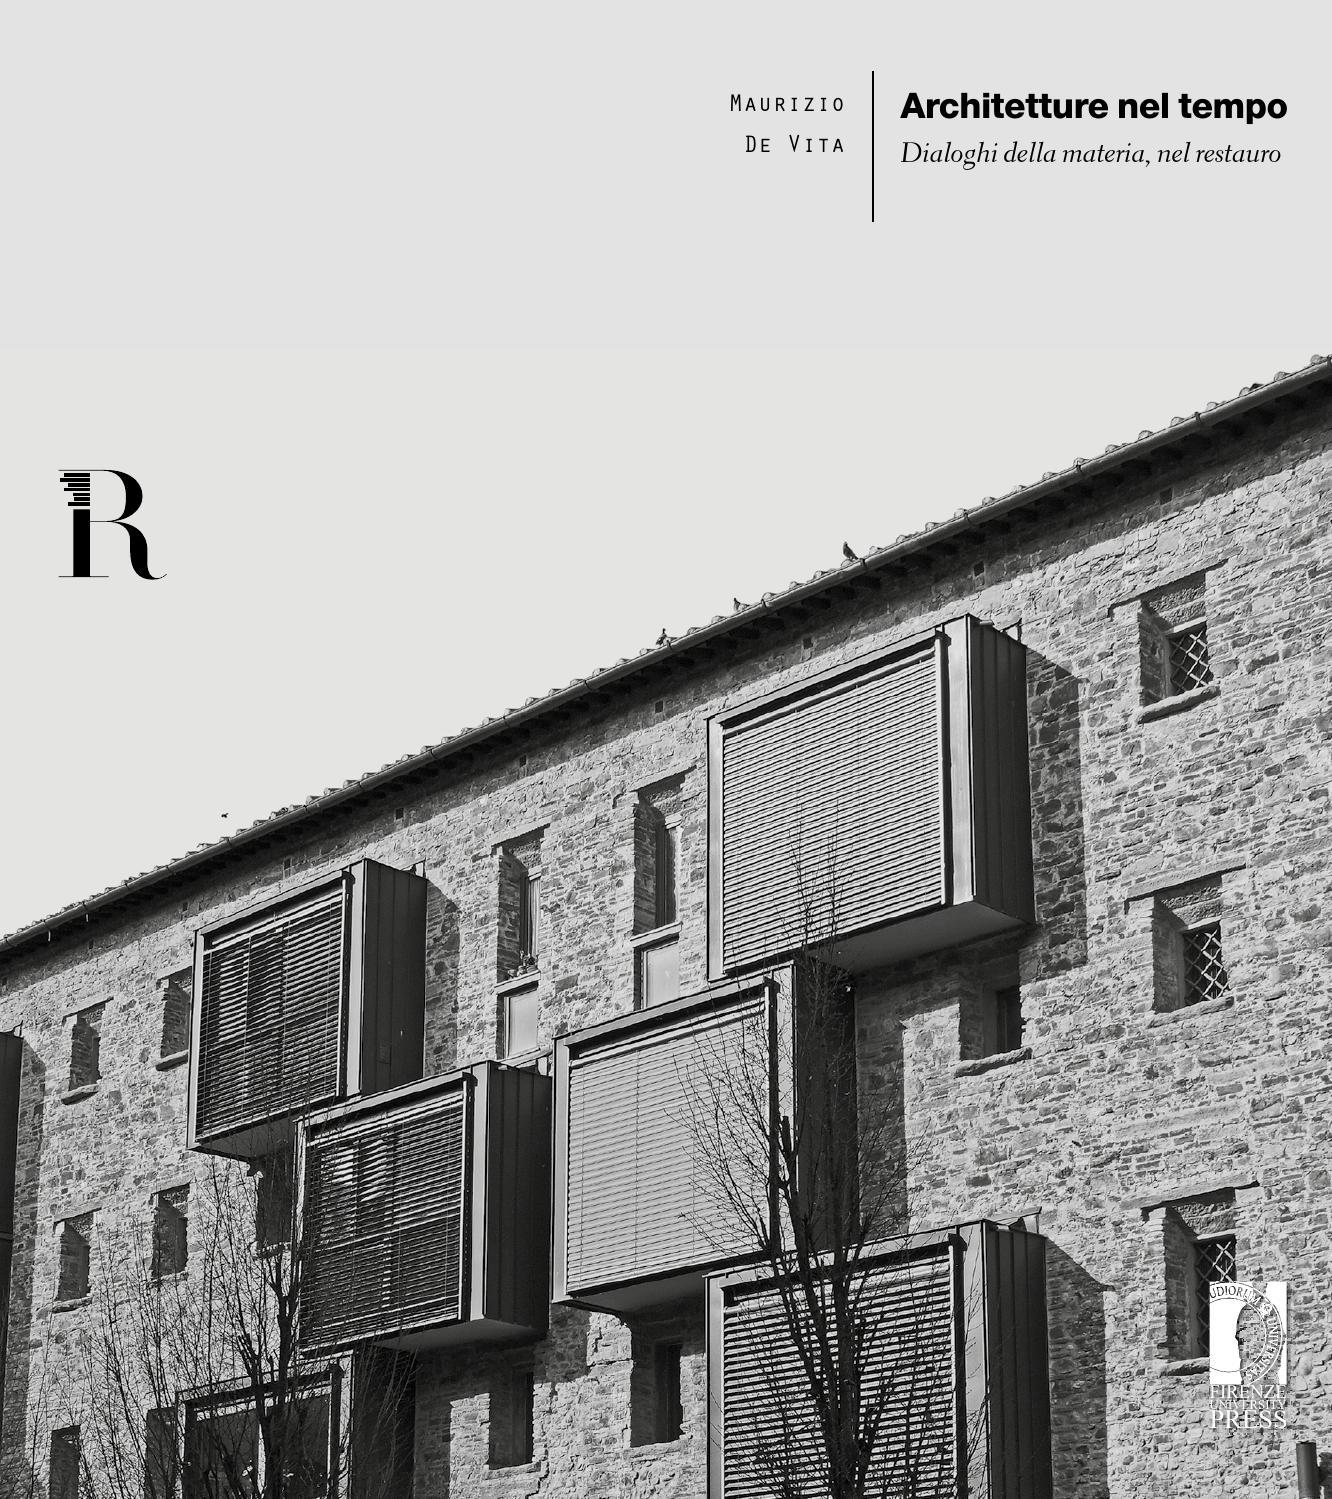 Architetti Famosi Antichi architetture nel tempo maurizio de vita by dida - issuu